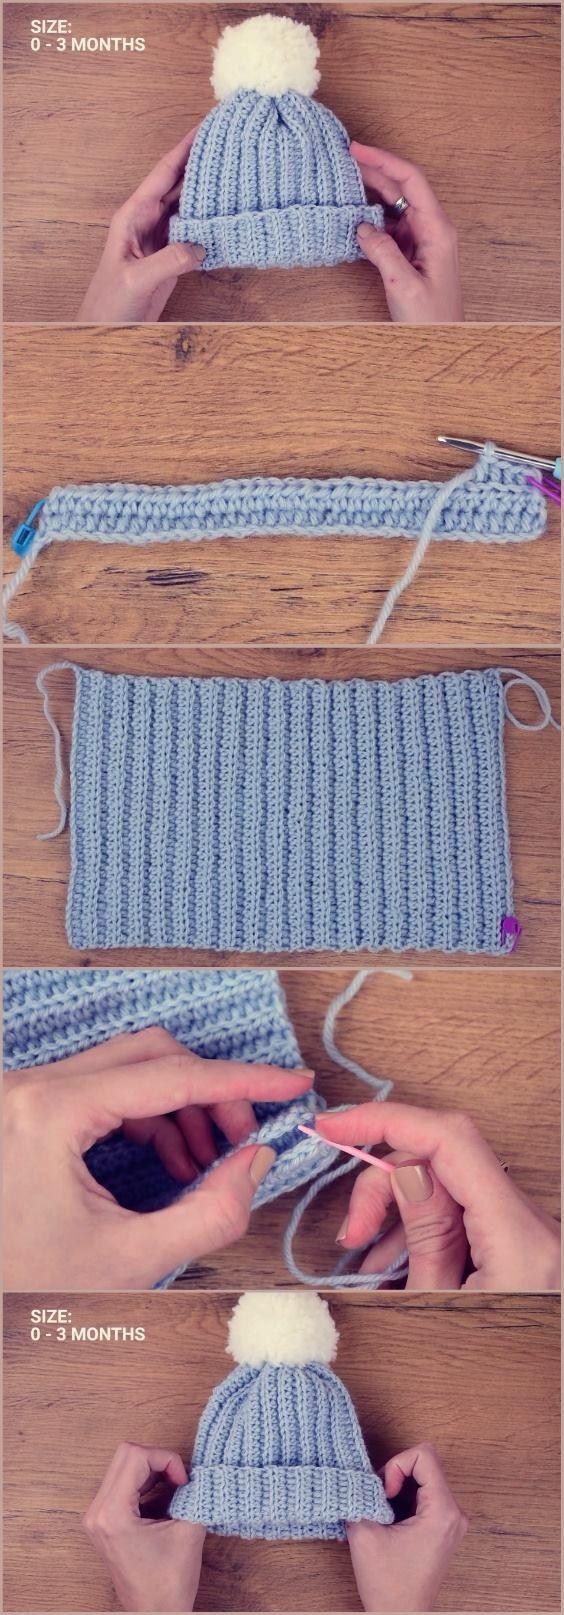 Crochet Baby Beanie #beanies